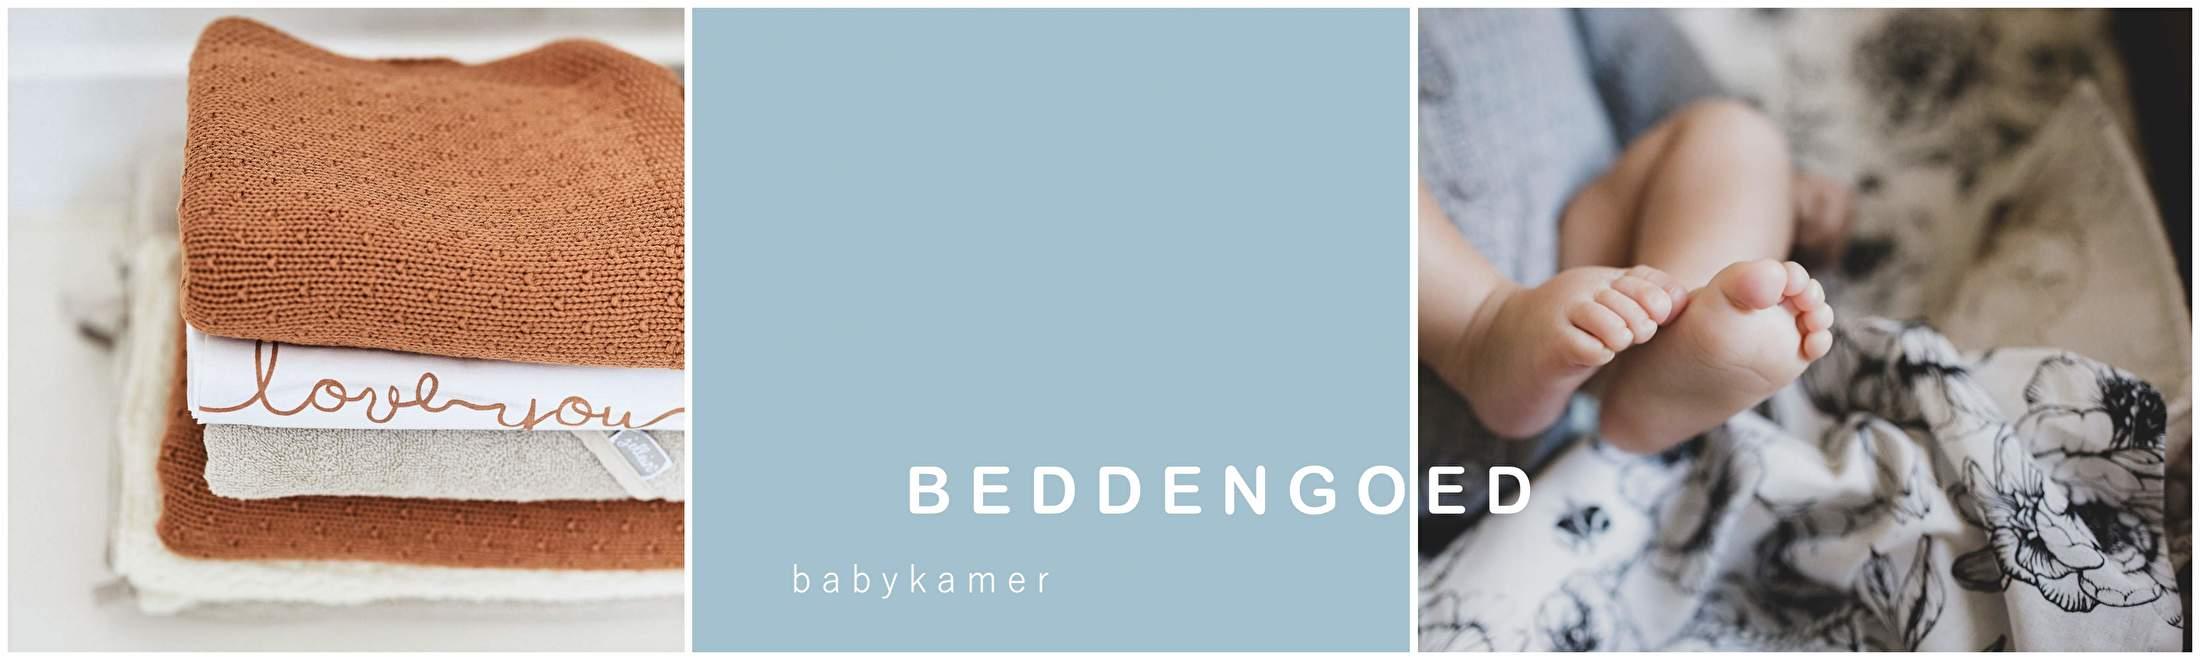 BABYKAMER BEDDENGOED | WWW.ZUSJEZ.NL